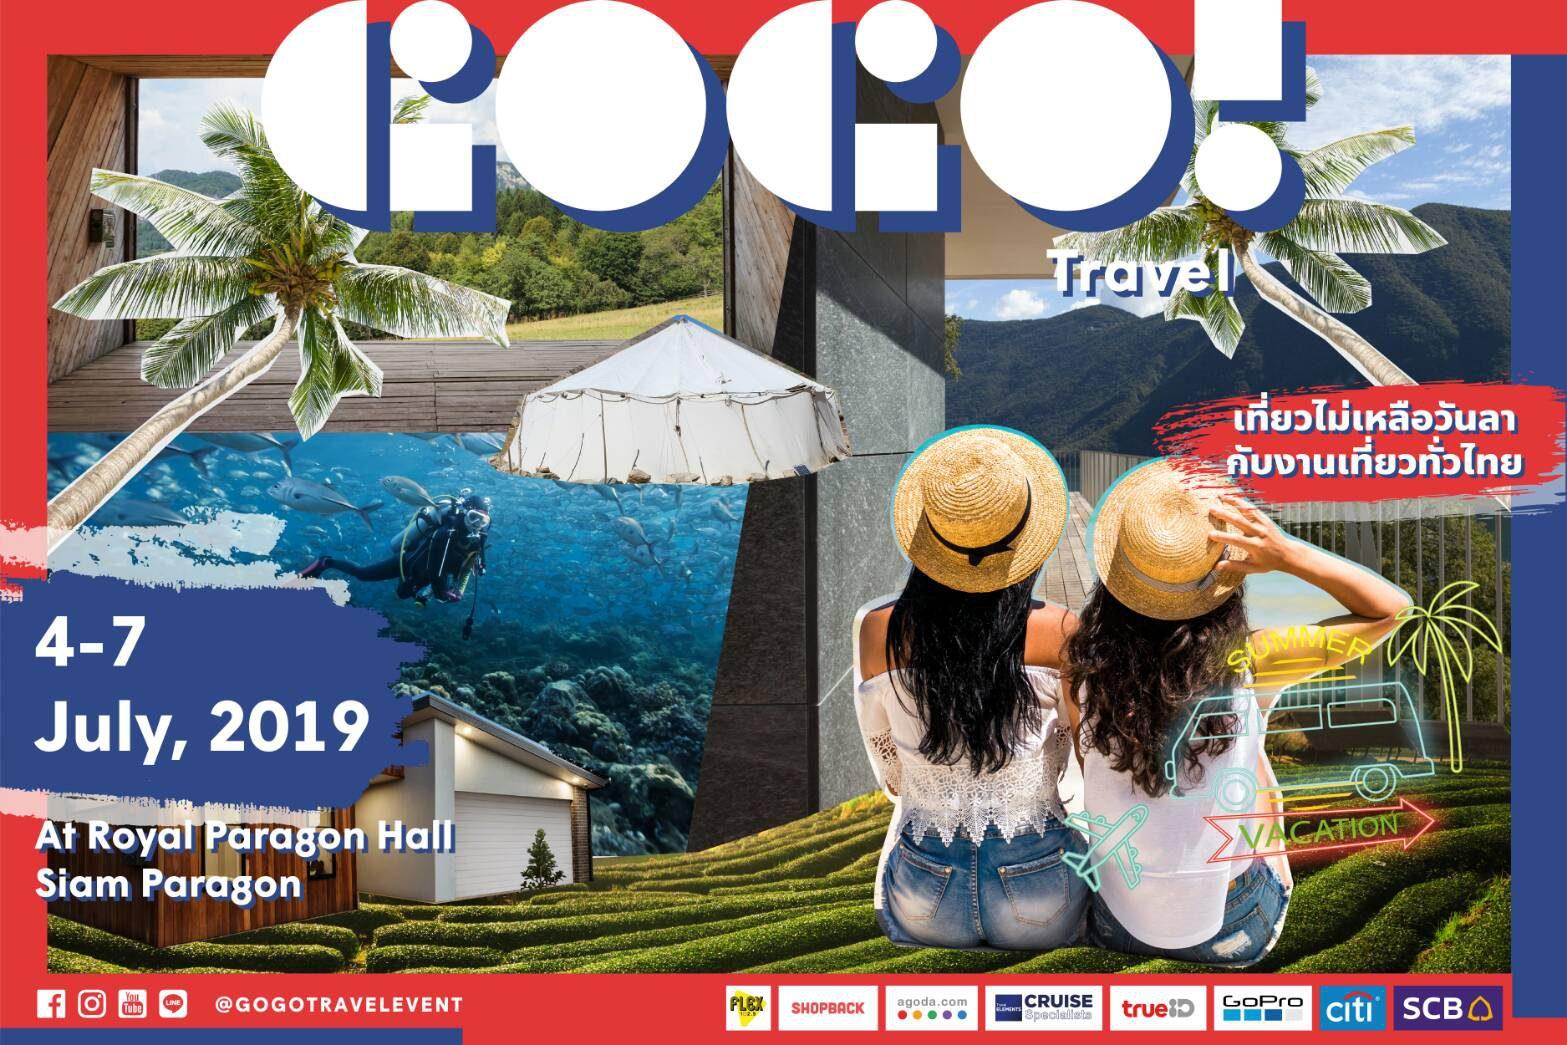 """สายเที่ยว ห้ามพลาด กับงาน """"GOGO Travel เที่ยวทั่วไทย ครั้งที่ 1"""""""